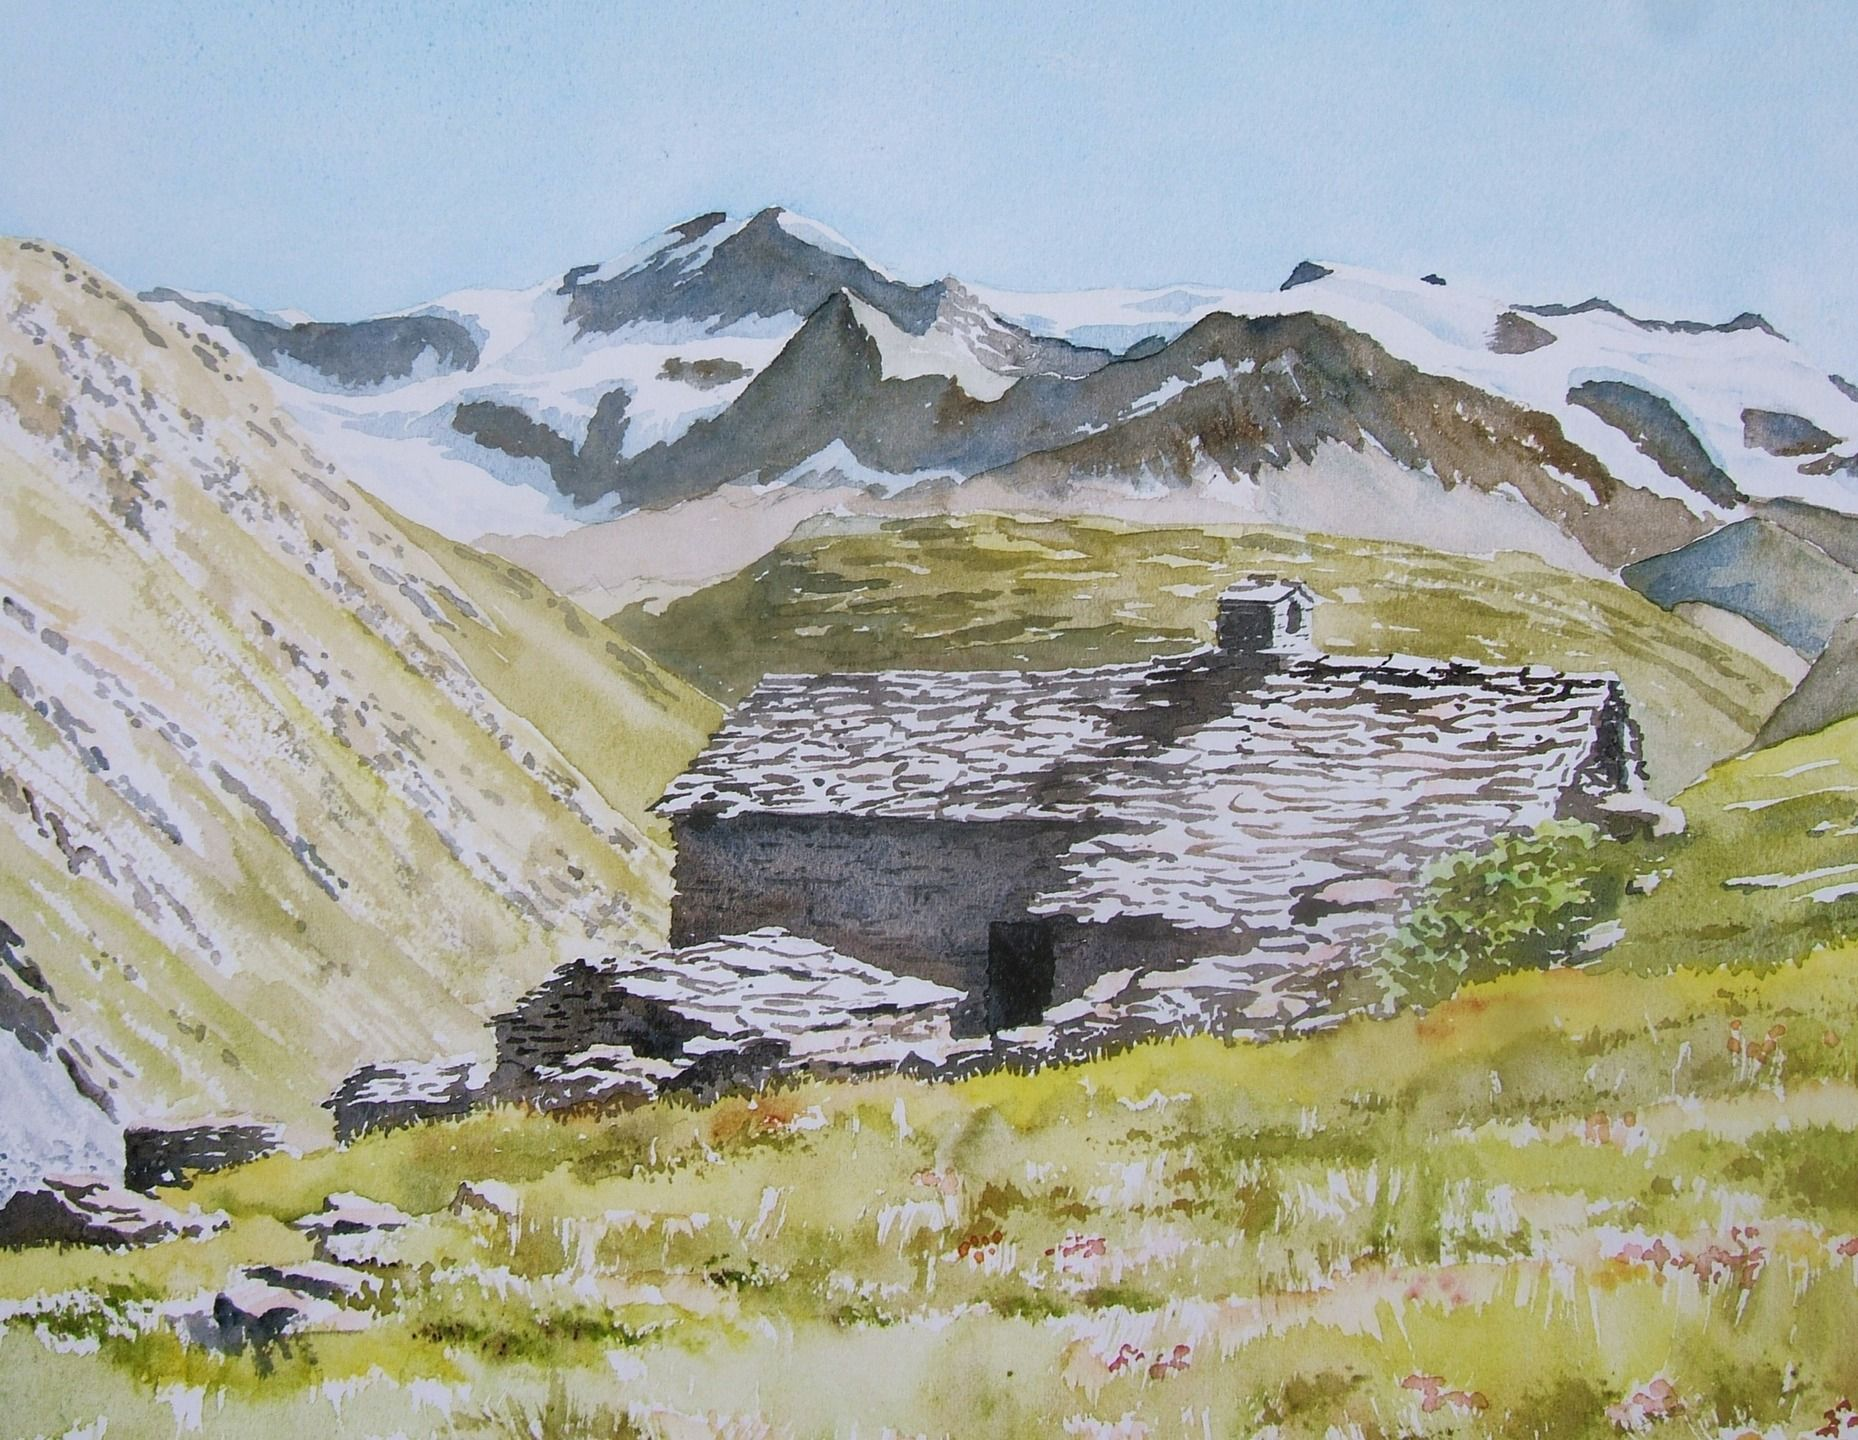 Landscape Oil Paintings Nature Landscape Oil Paintings En 2020 Peinture Paysage Dessin Paysage Dessin Montagne